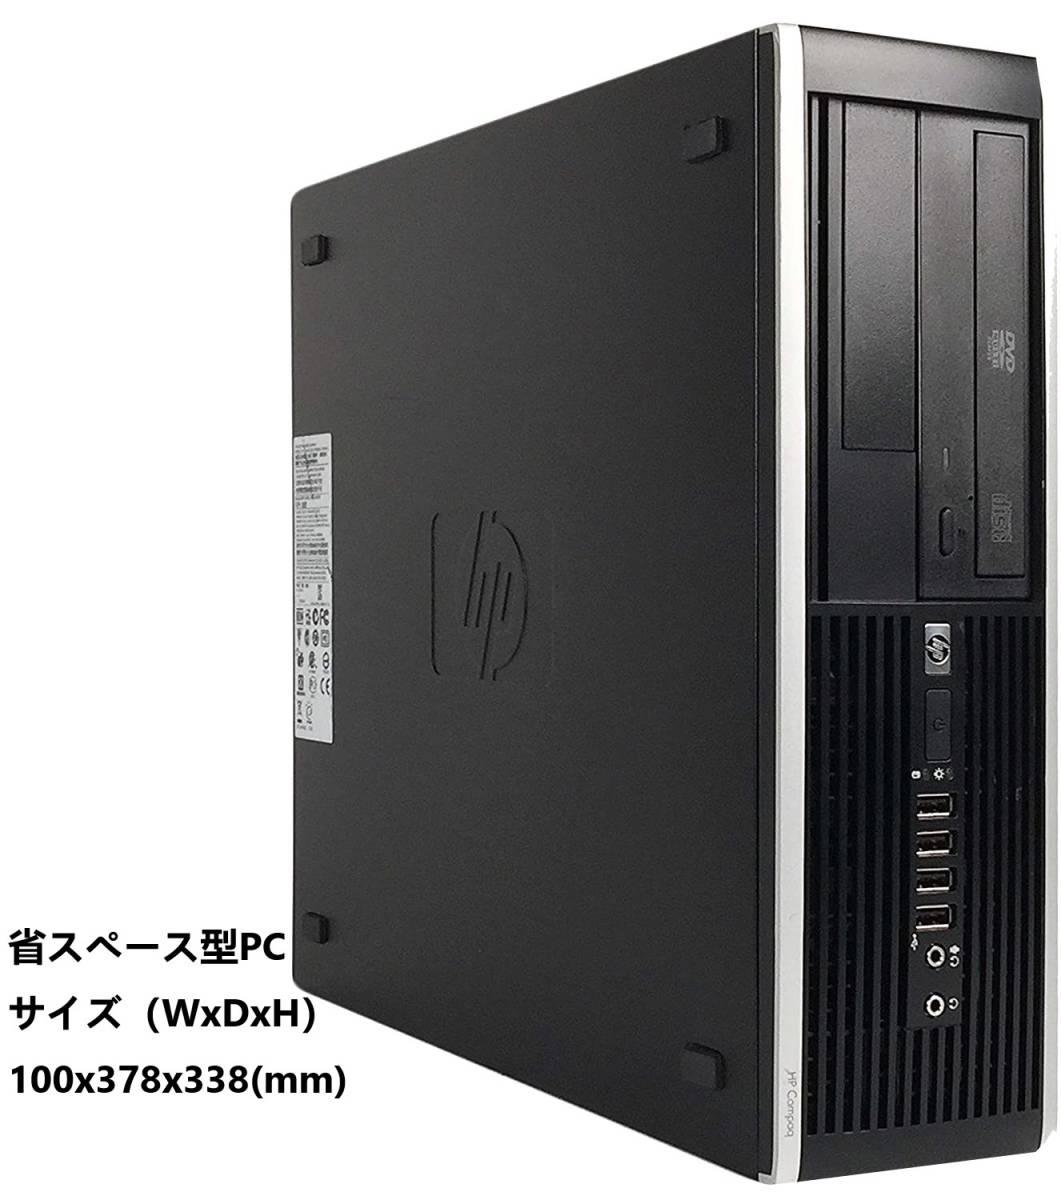 ■驚速 省スペース HP i7-2600 3.8Gx8/8GB■新SSD:240GB+大容量HDD:1TB Win10 Pro Ms Office2019/USB3.0/追加WIFI■Compaq PRO.6300 SFF -3